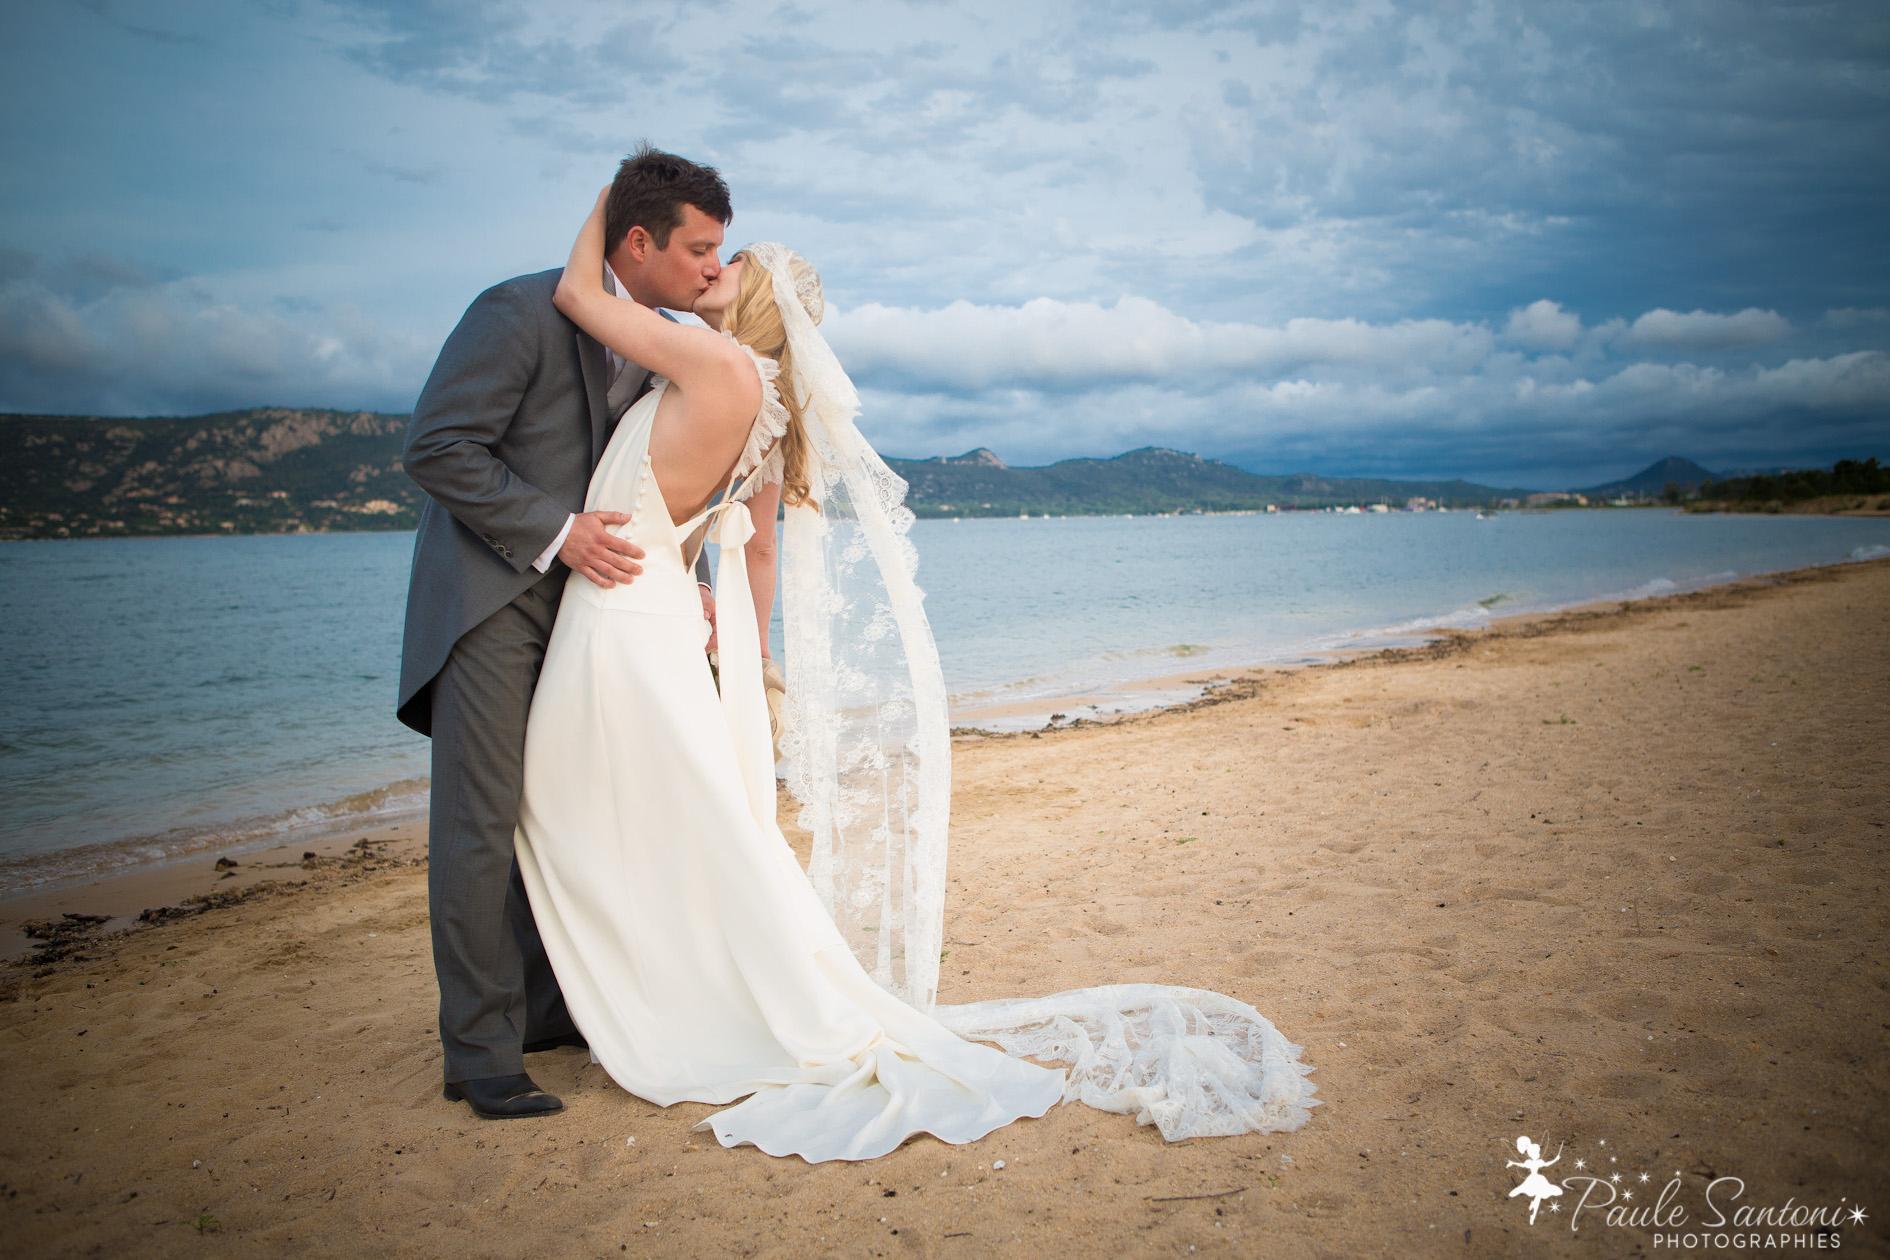 paule santoni photographe de mariage en core